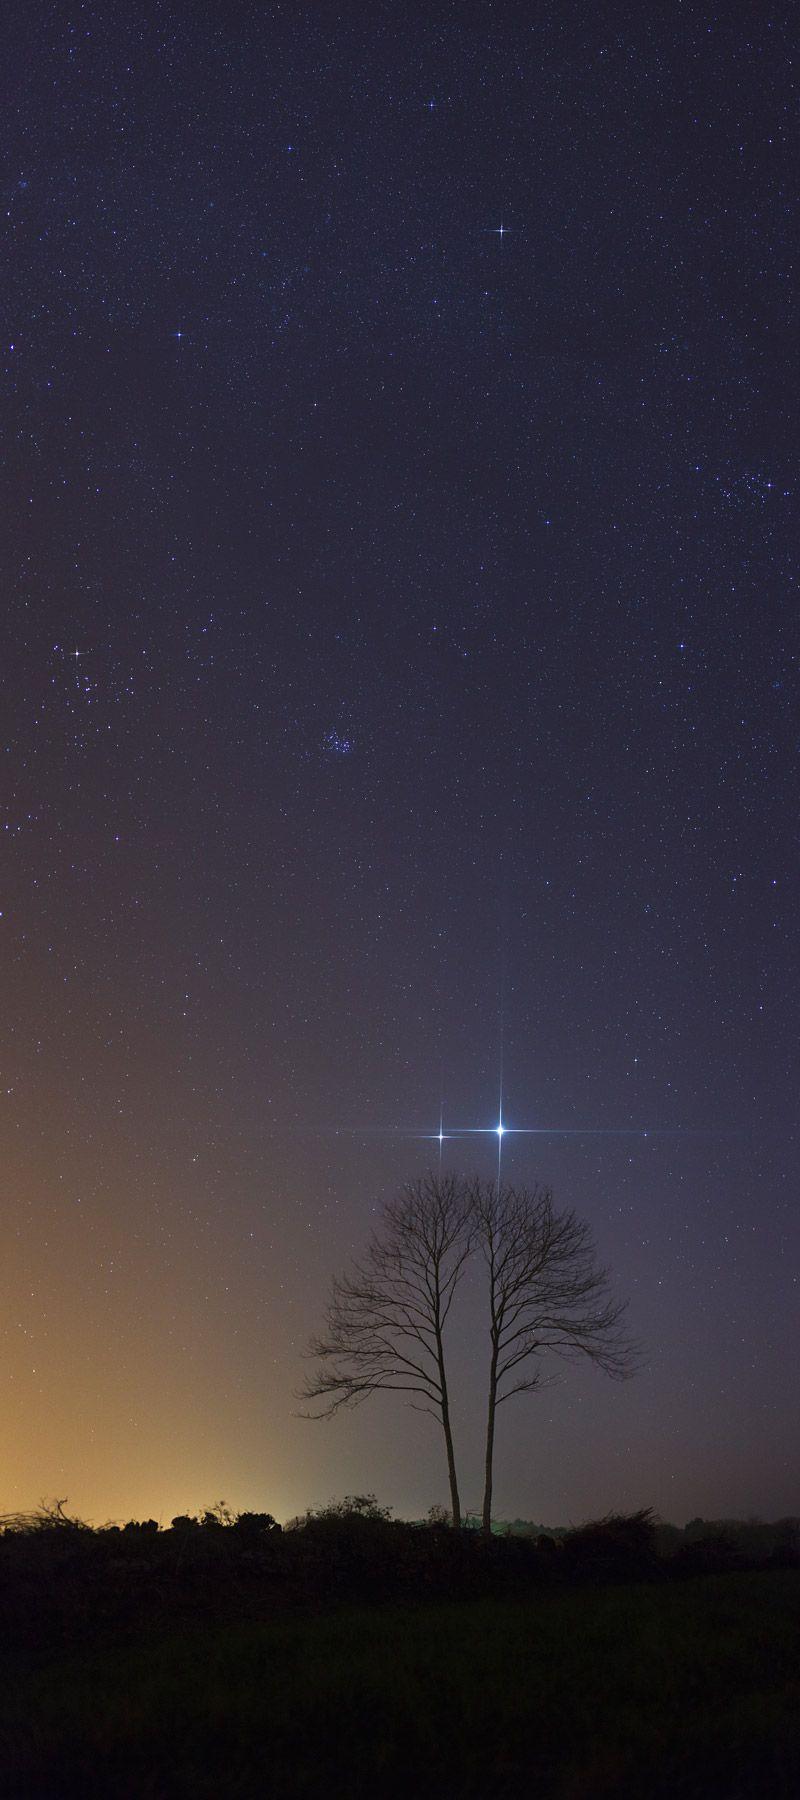 Jupiter and Venus, stunning photo.